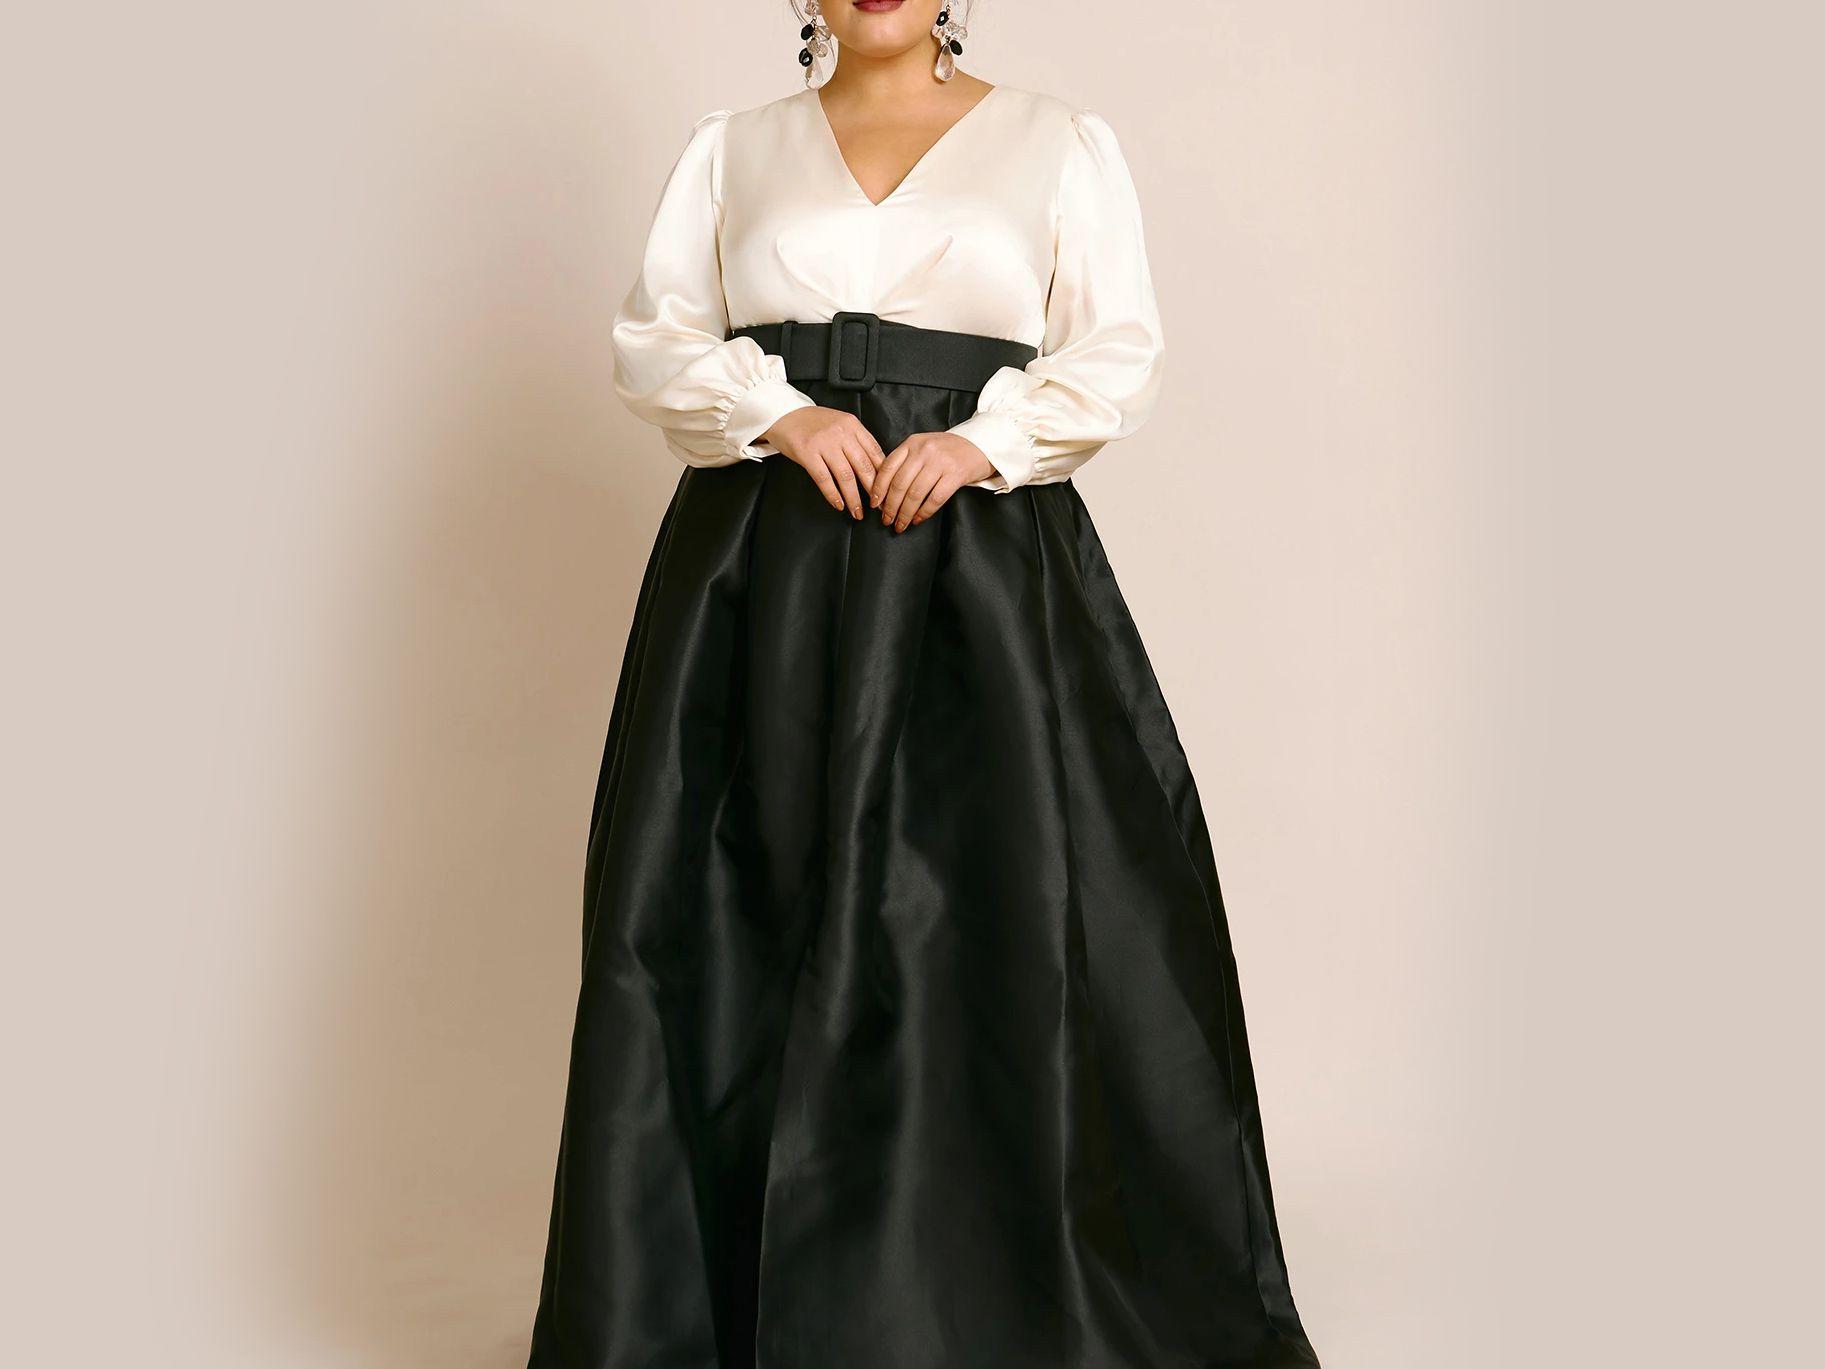 одеяло компактен Кейтър flattering mother of the bride dresses for ...